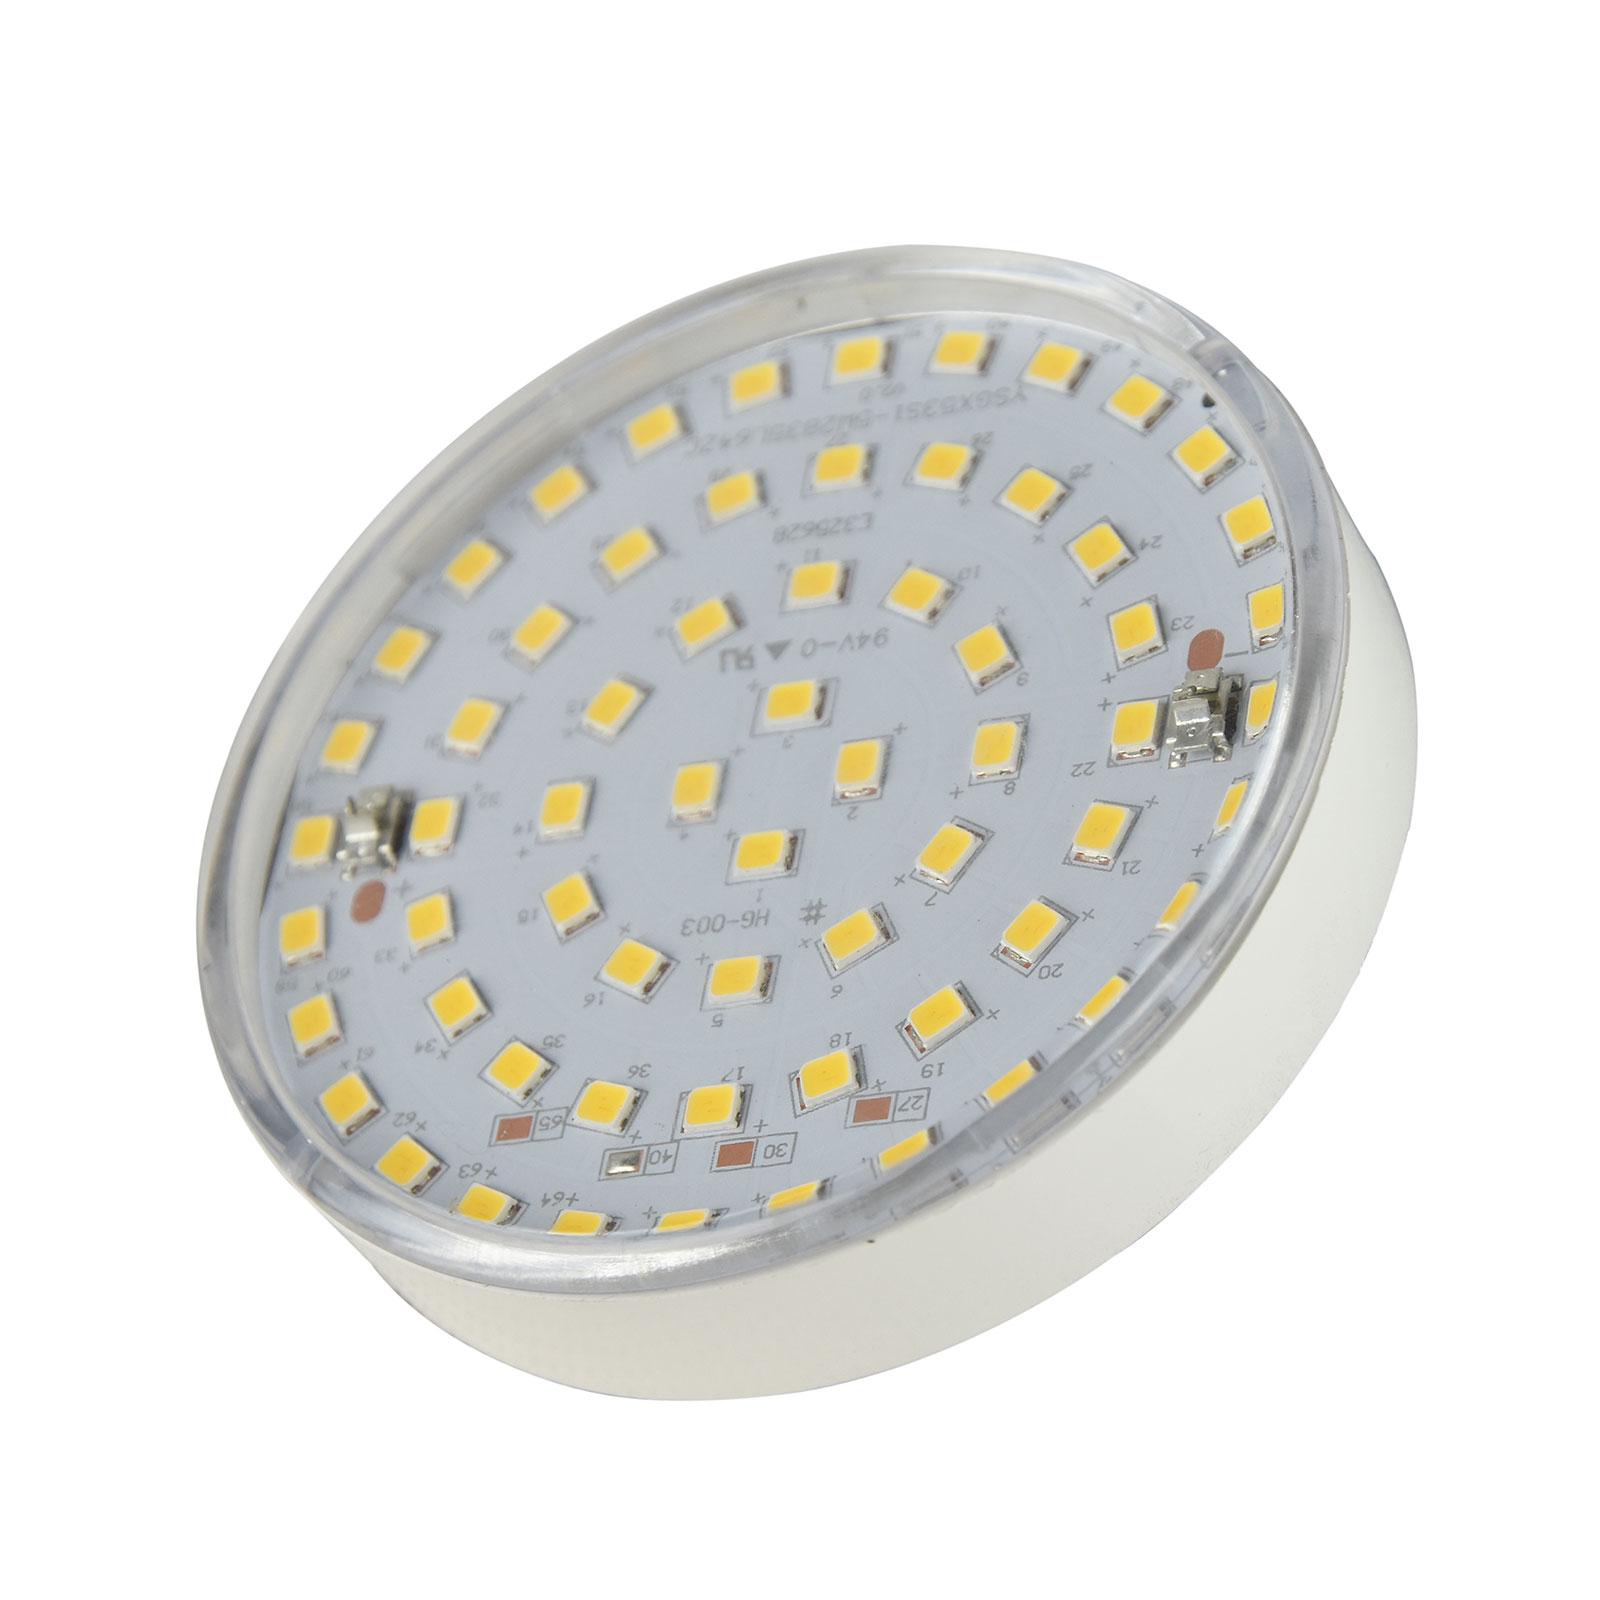 Lampadina LED Micro-Lynx Sylvania GX53 3,5W chiara